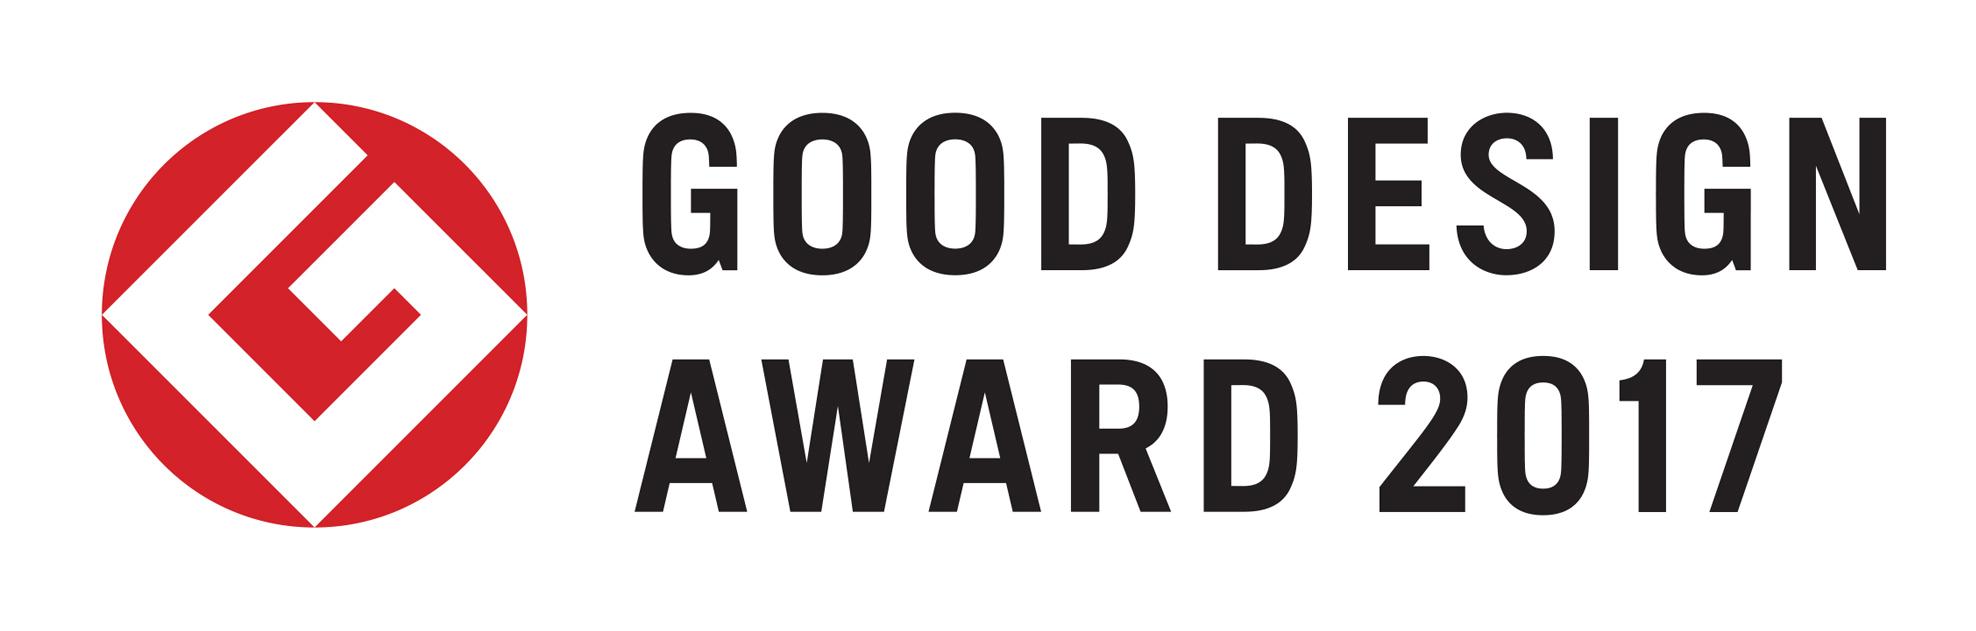 2017年 グッドデザイン賞を受賞しました。_f0165030_10484527.jpg